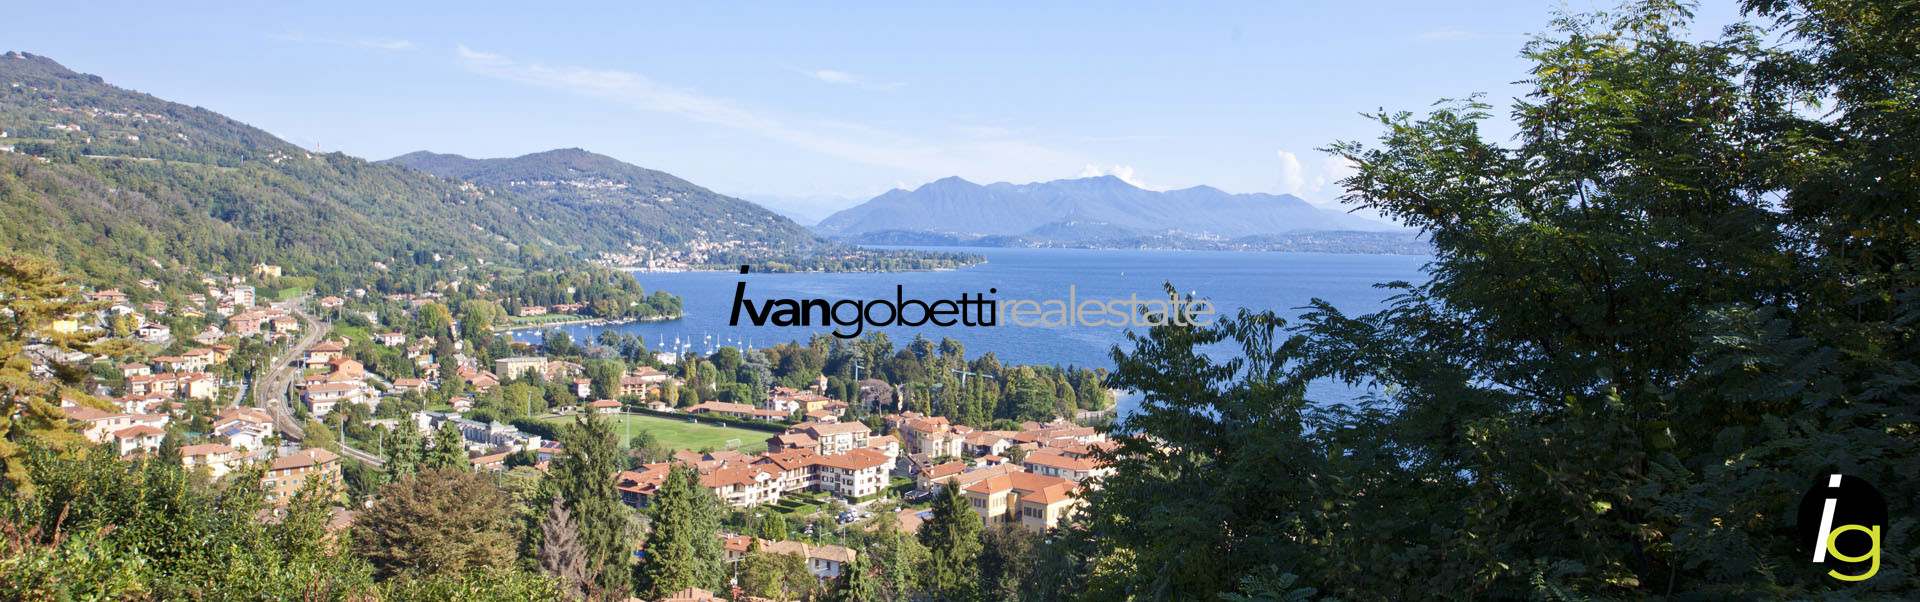 Importante ed esclusiva villa moderna in vendita in Italia